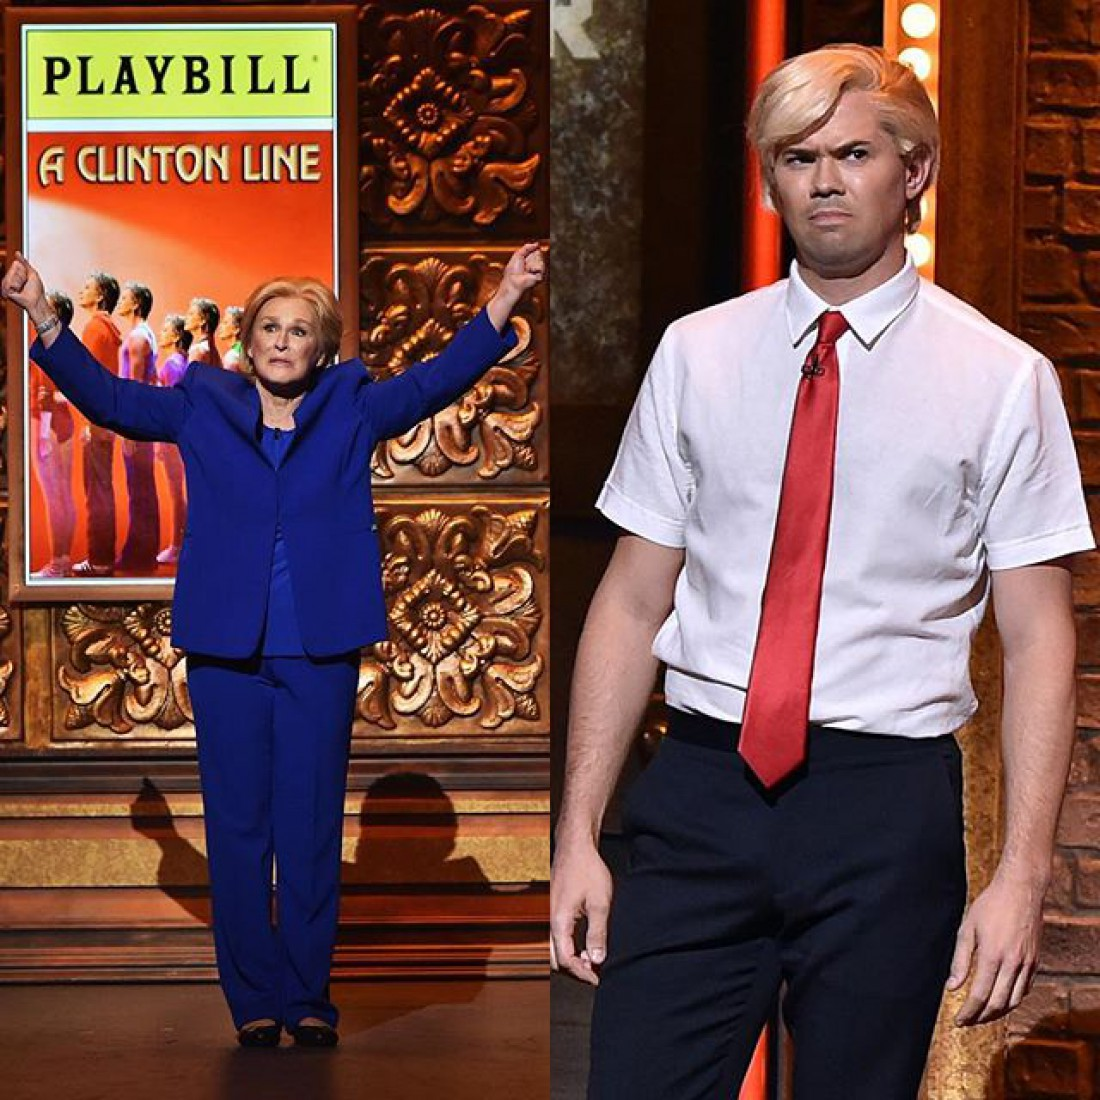 Голливудские актеры перевоплотились в Клинтон и Трампа